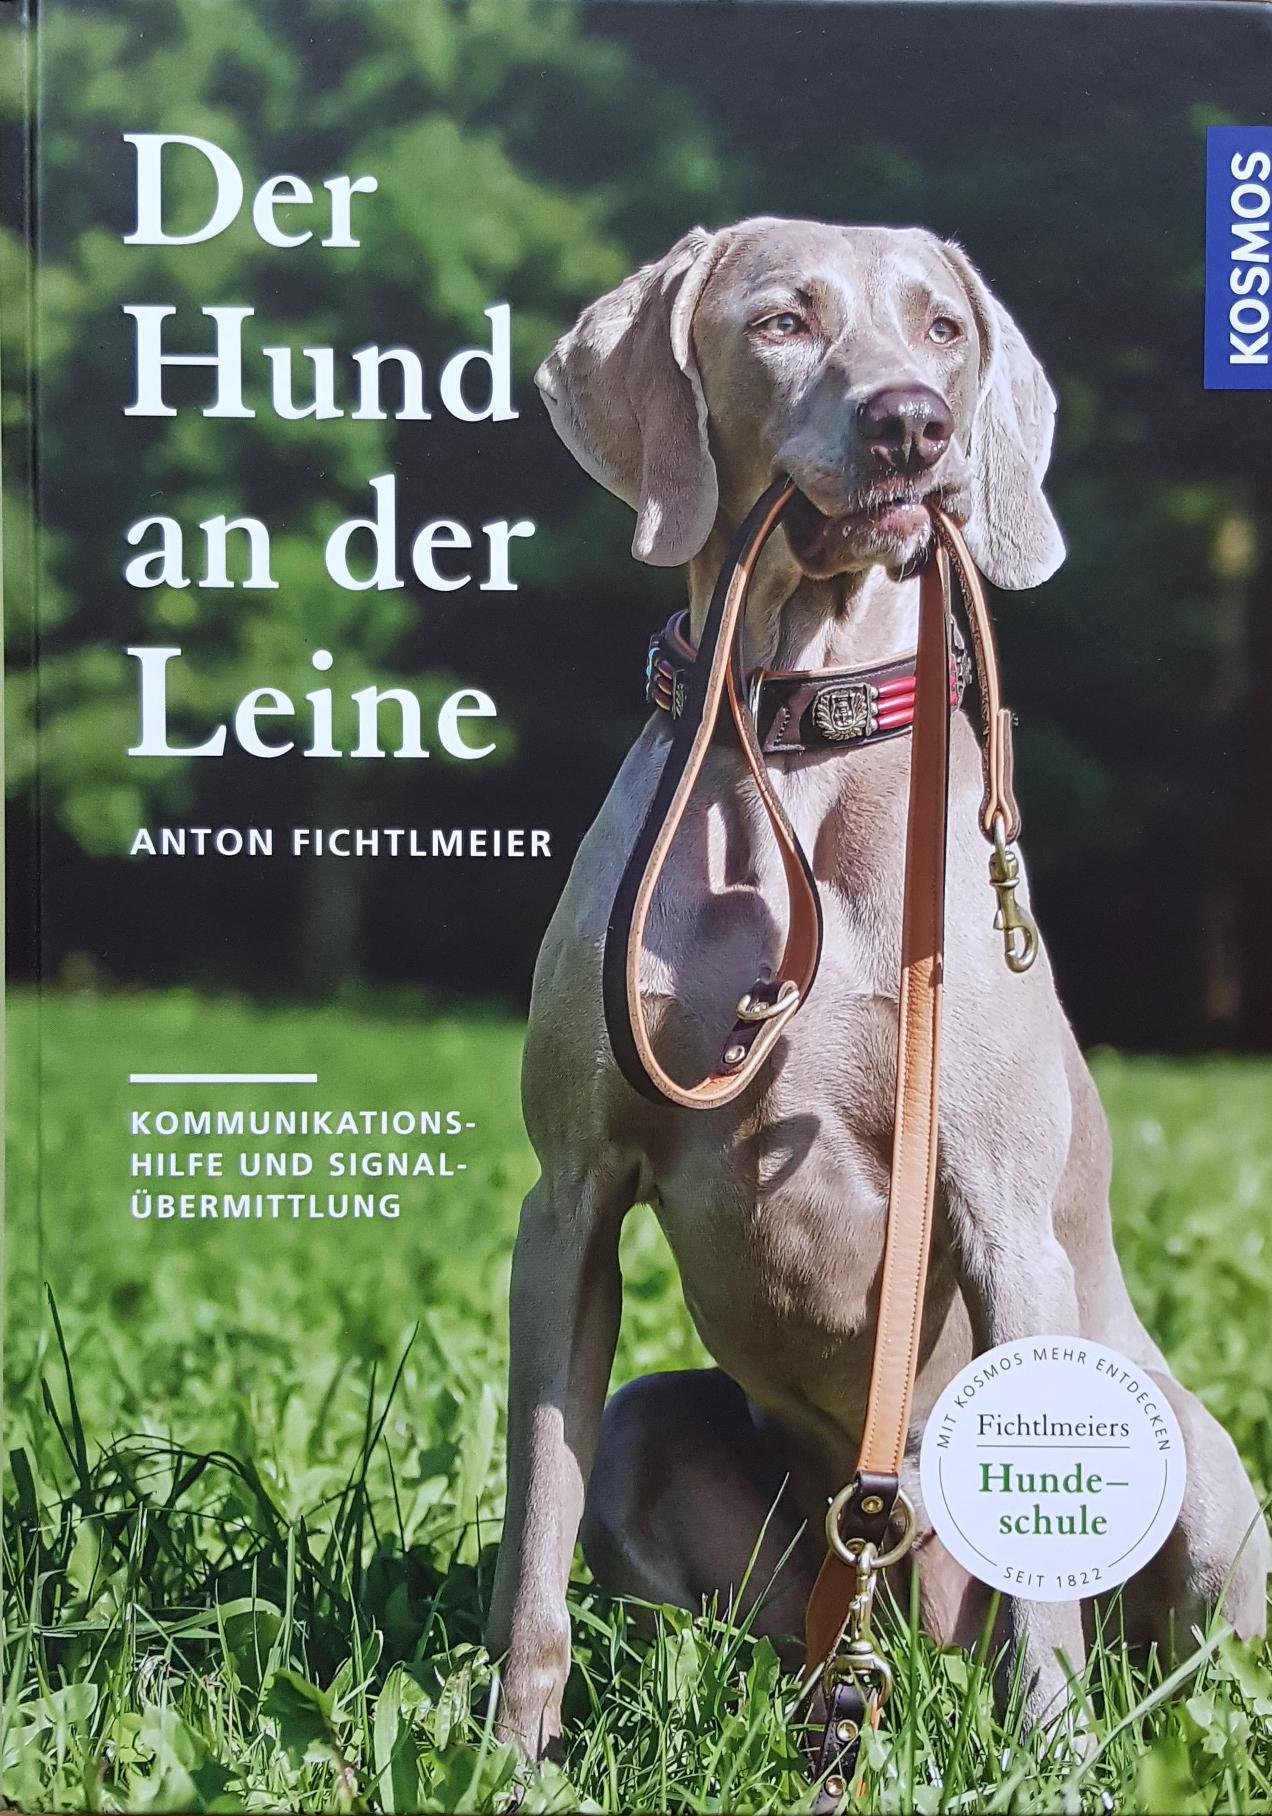 Neues Leinenbuch von Anton Fichtlmeir in der Hundeschule Waldstetten